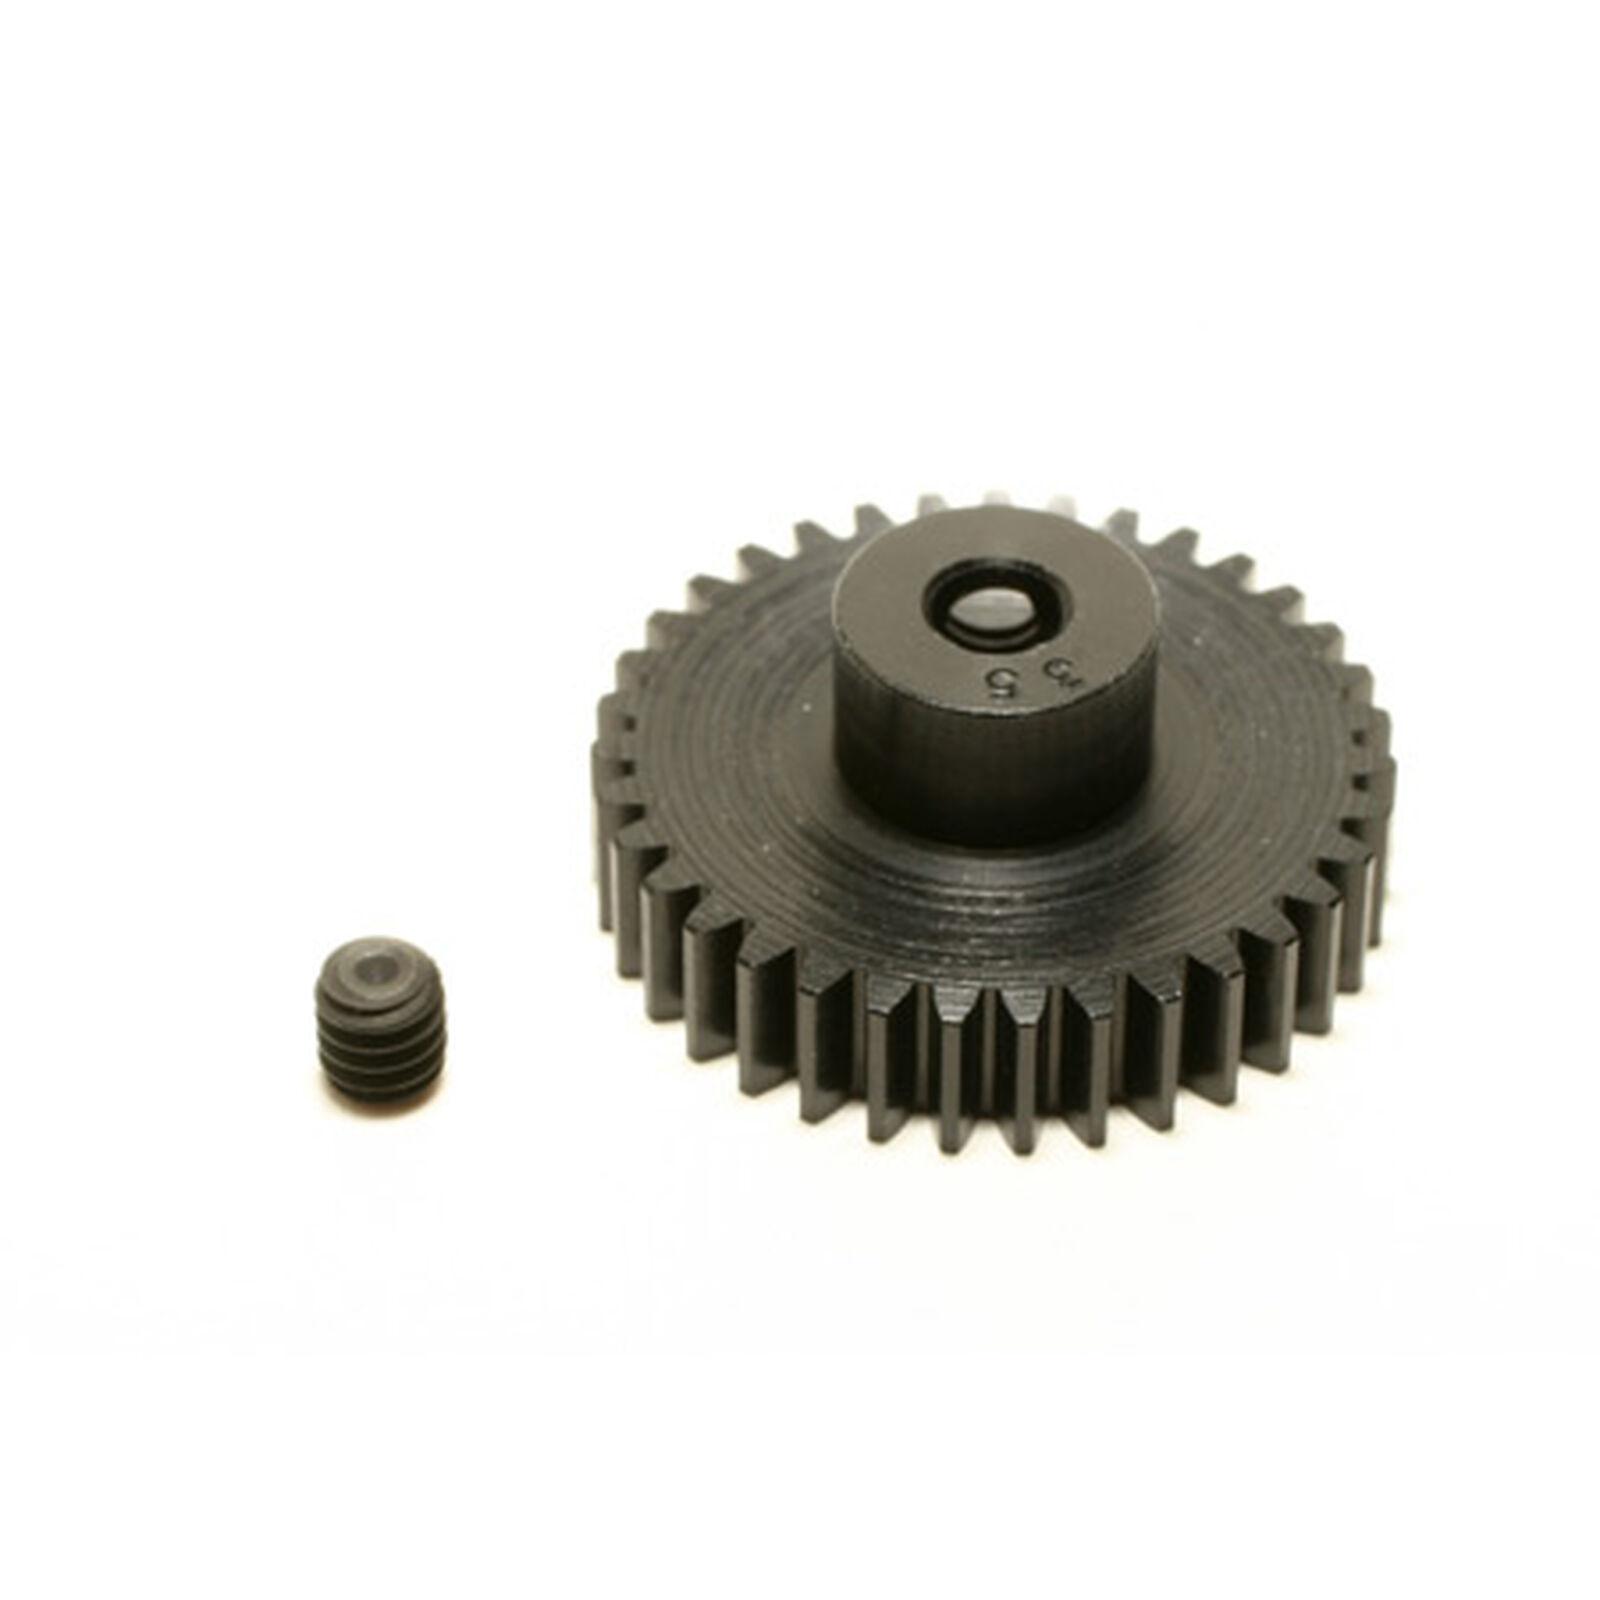 48P Hard Coated Aluminum Pinion Gear, 35T